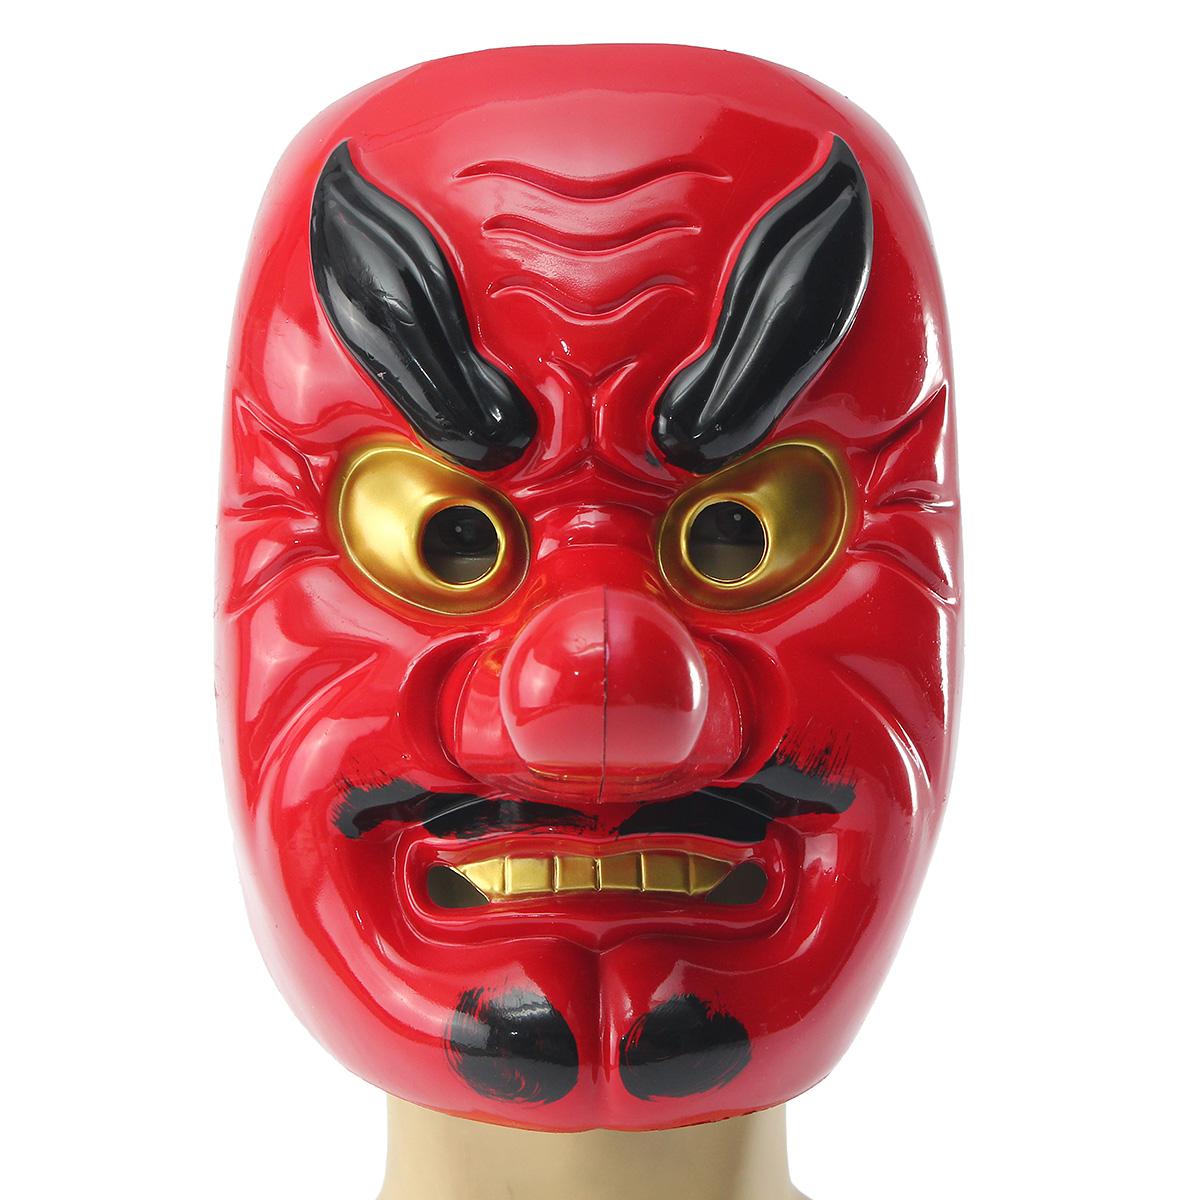 Fabuleux Masque japonais - Achat / Vente Masque japonais pas cher - Cdiscount CH71